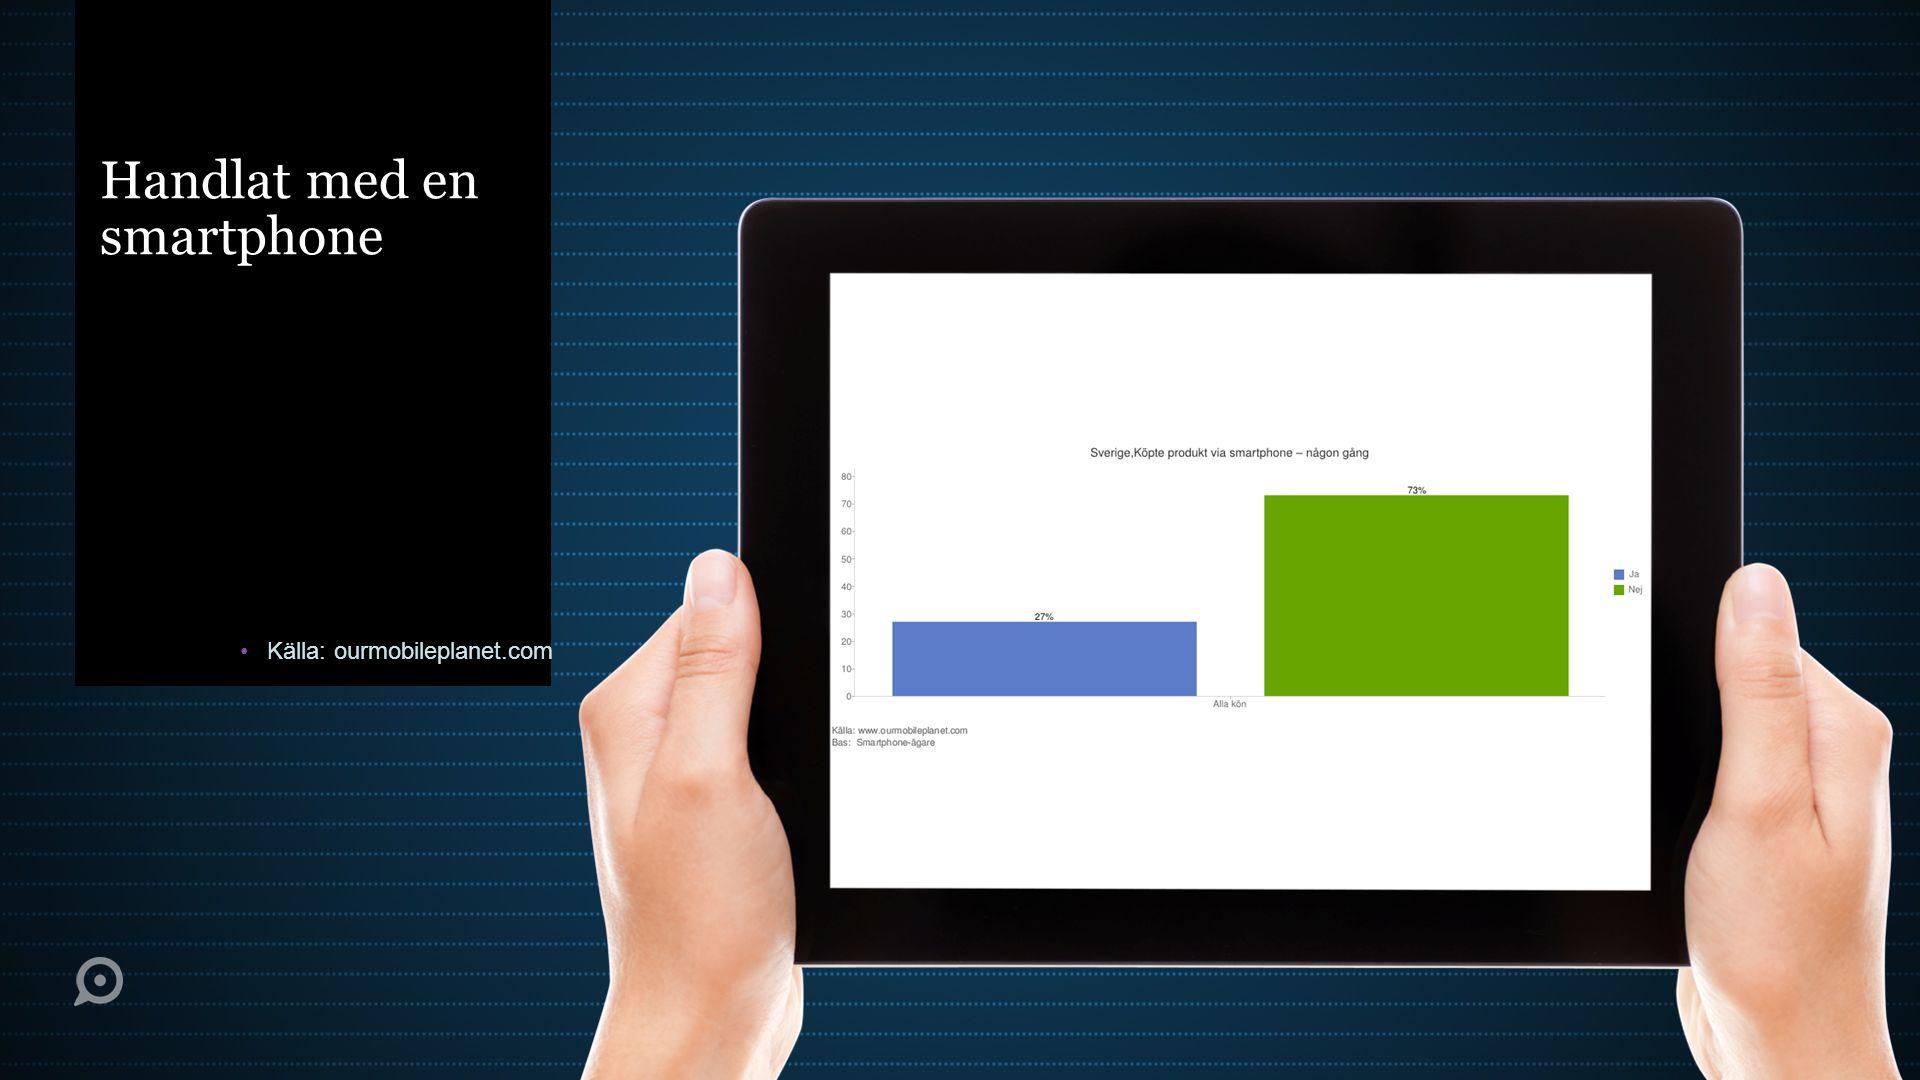 Trend mobila OS Källa: ourmobileplanet.com